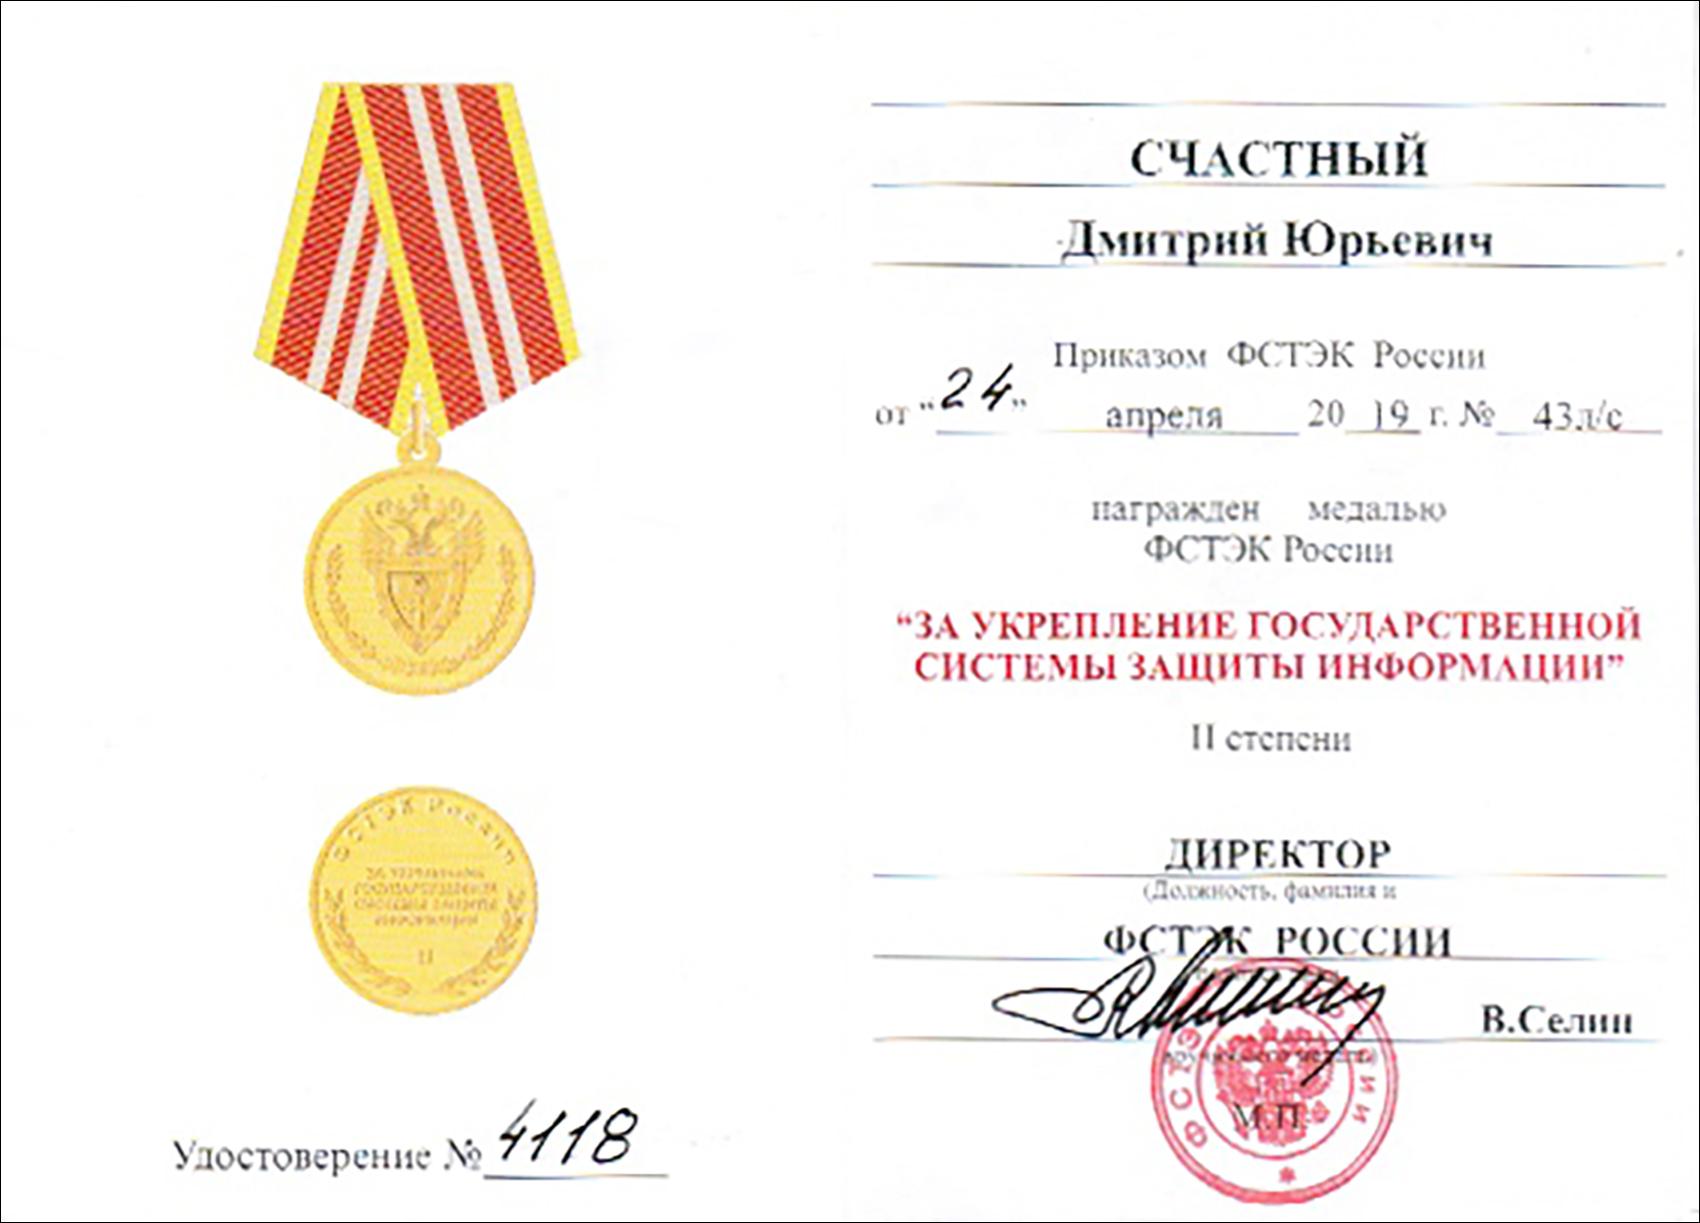 медаль Д. Ю. Счастного